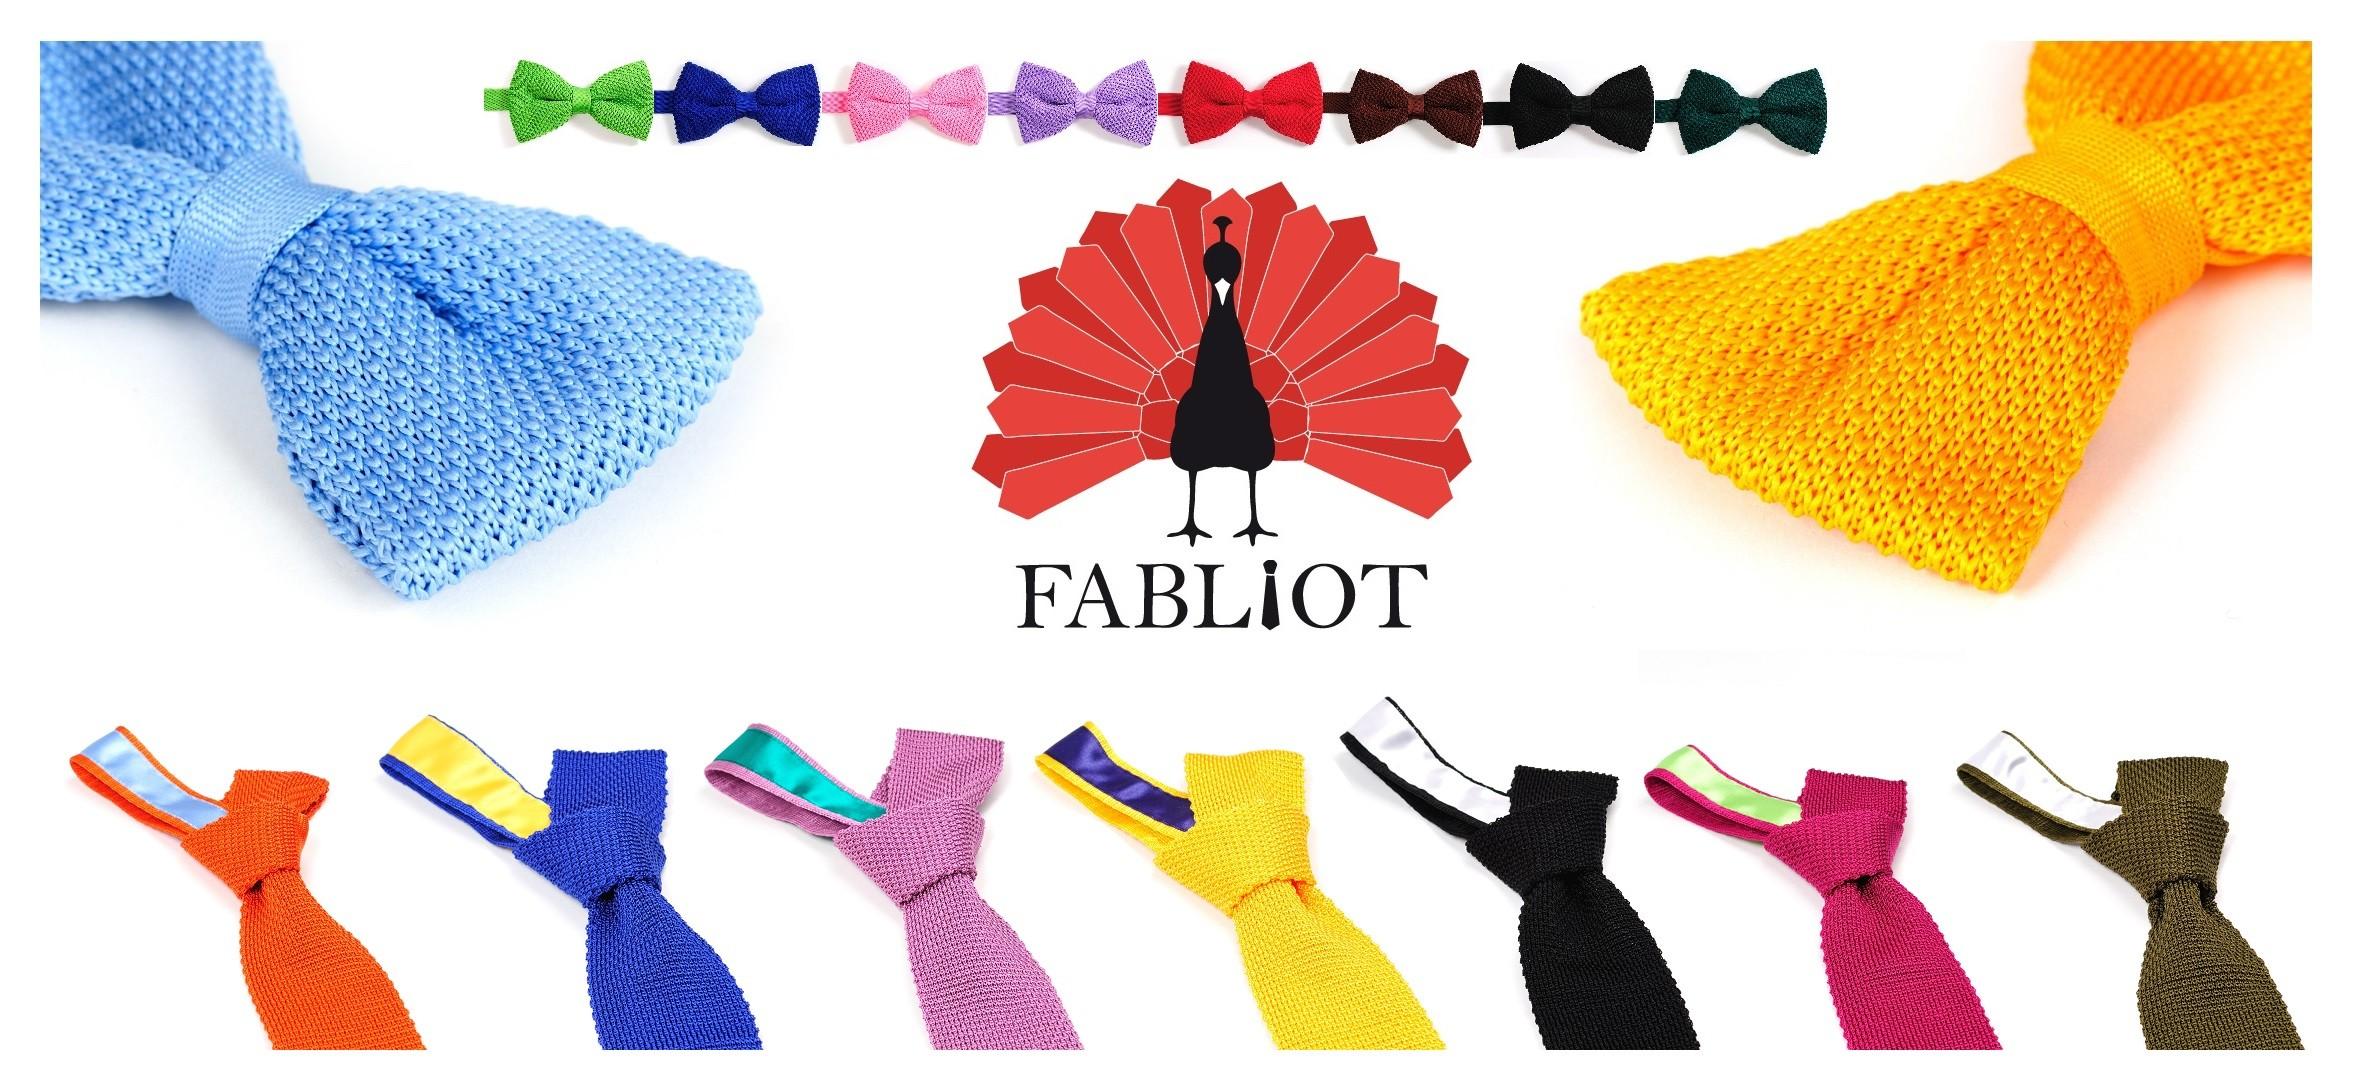 Partenaire des jolis cravates et noeuds pap' en tricot de soie FABLIOT